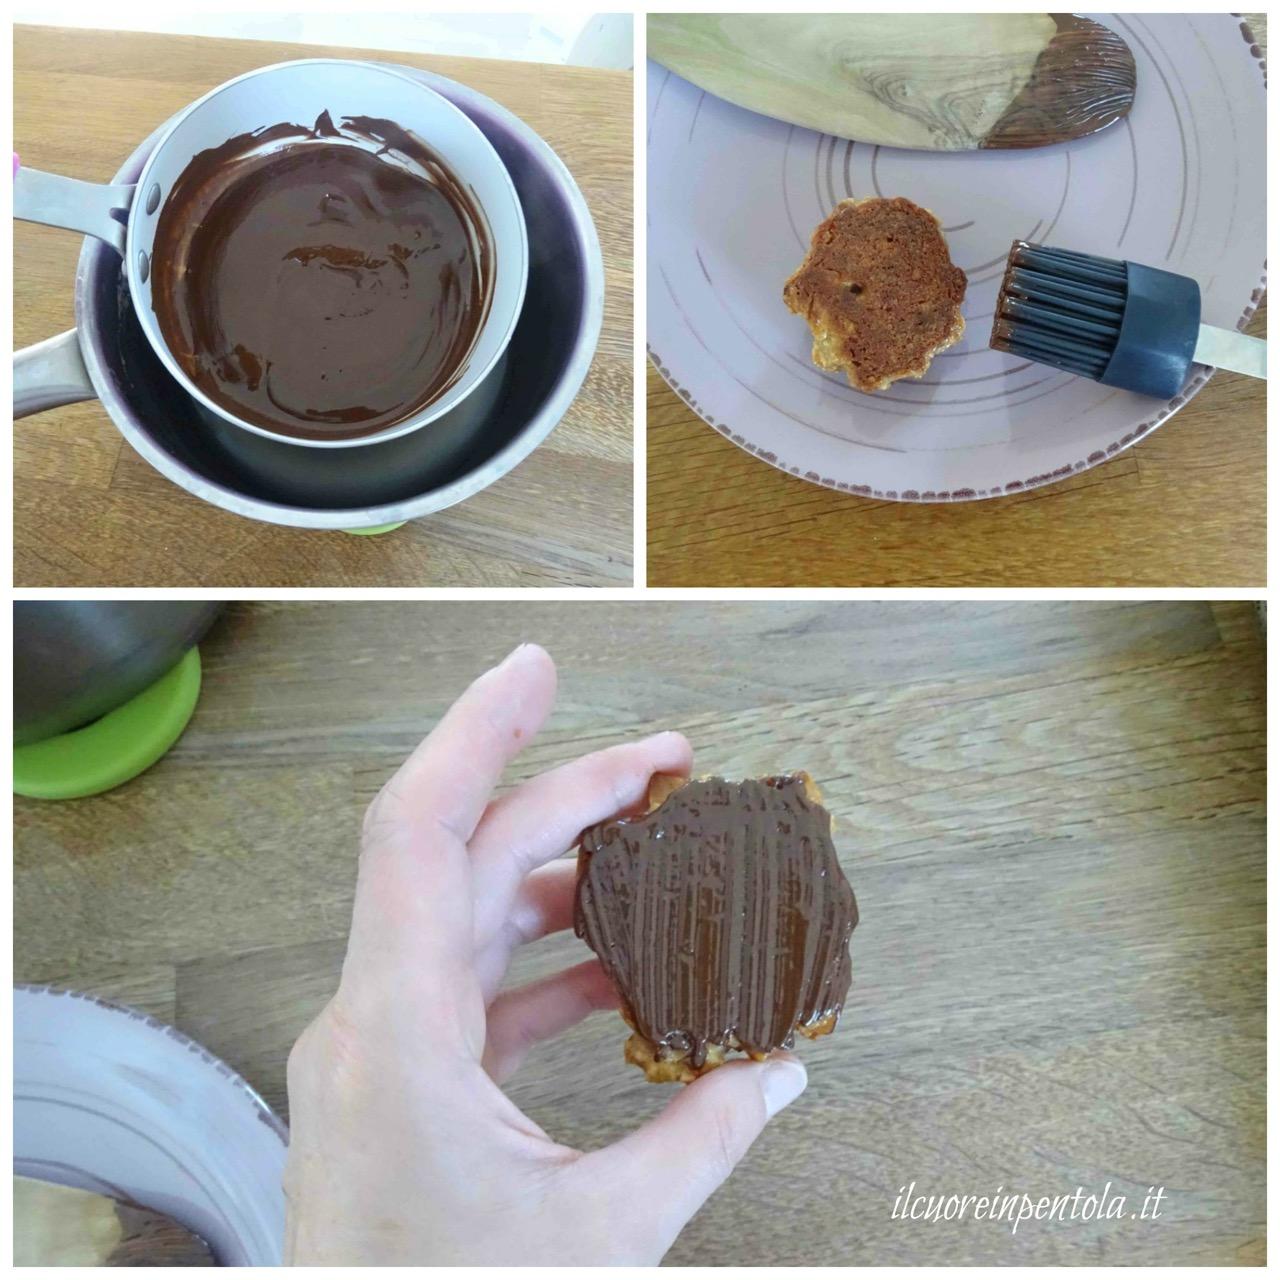 spennellare con cioccolato